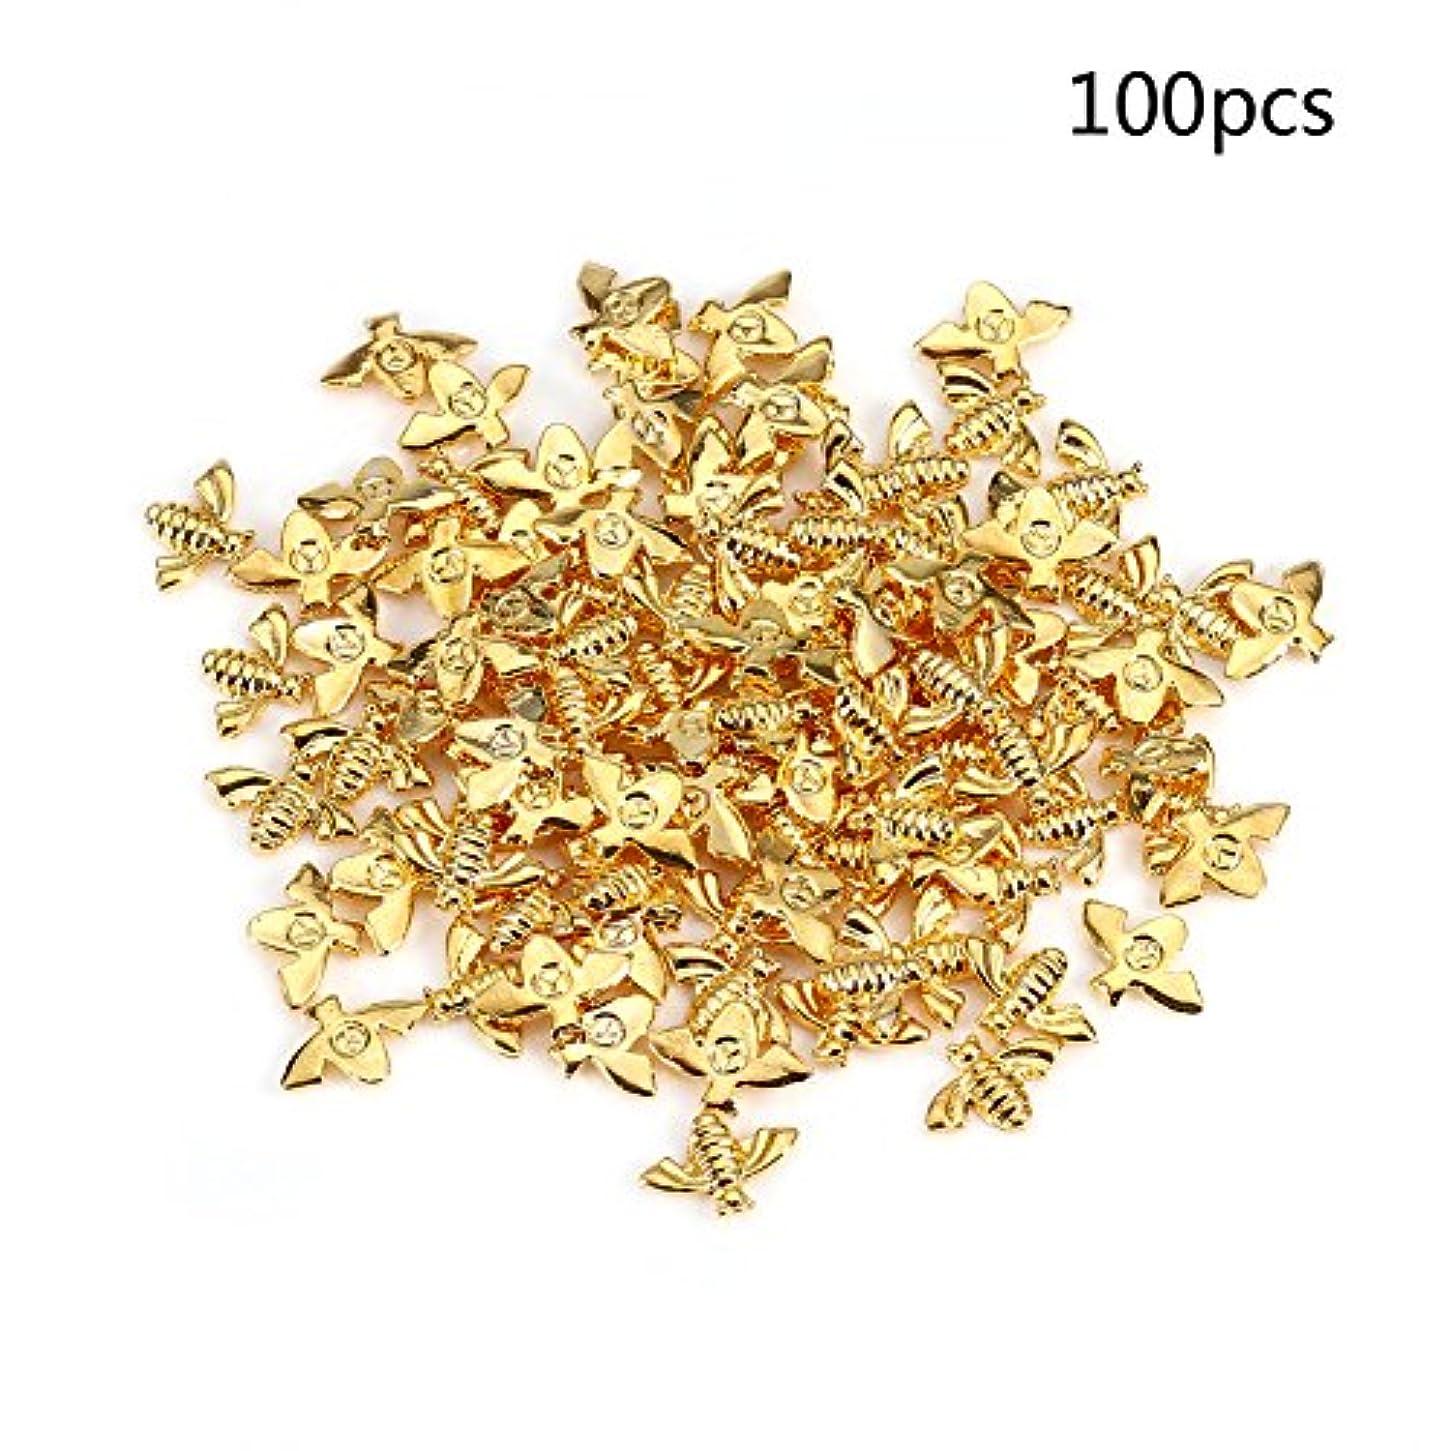 アンプ発疹資本主義メタルネイルデコレーション 2色100pcs / bag金属蜂3Dネイルデコレーションメタルスティックゴールドシルバーネイルデカールマニキュア (ゴールド)